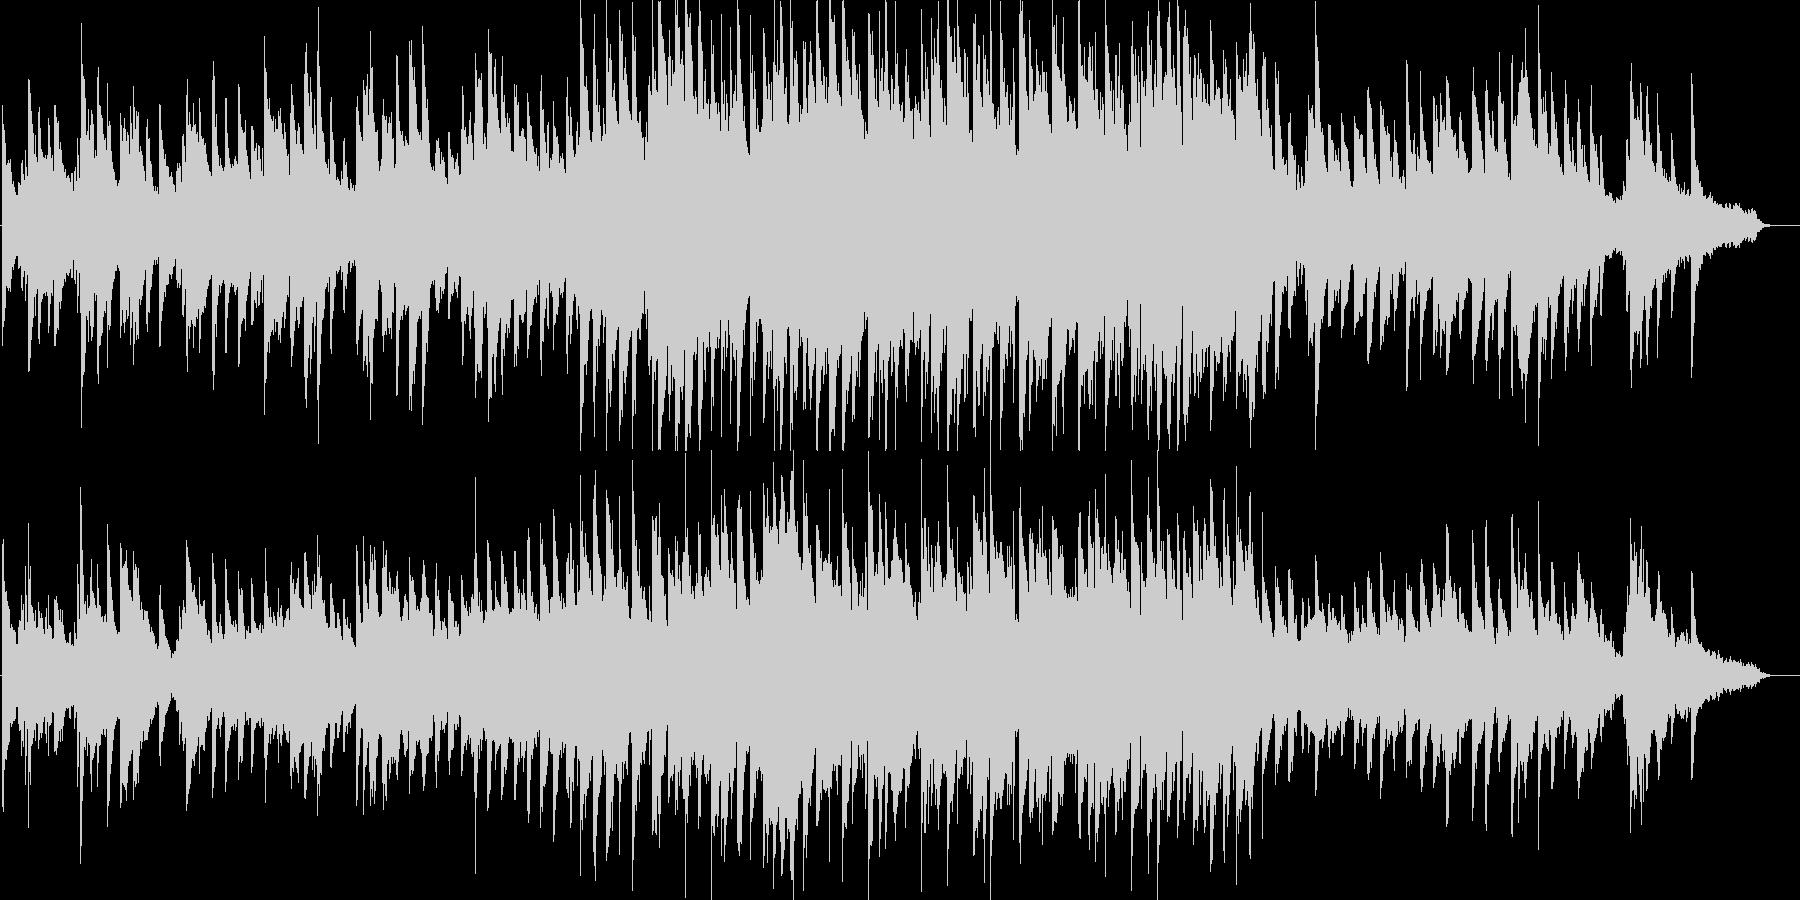 感動的・温かい・ピアノ・イベント・映像用の未再生の波形